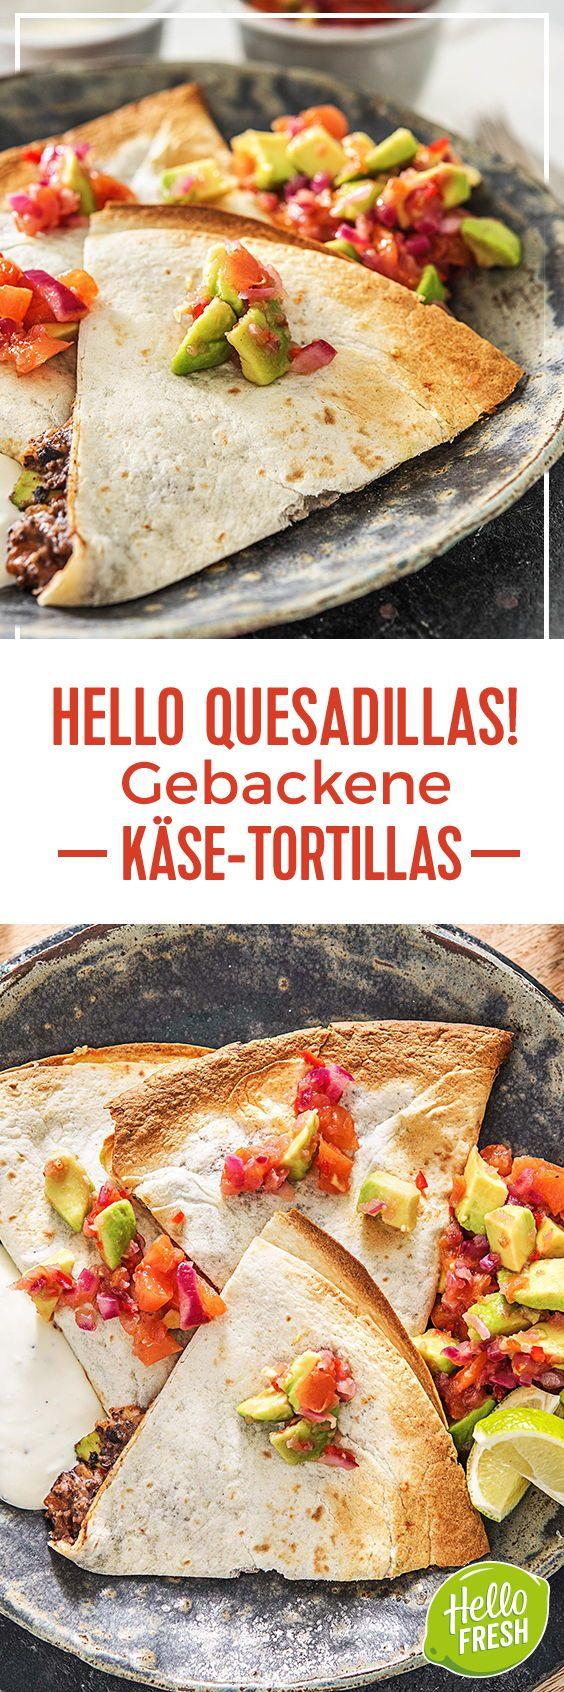 Step by Step Rezept: Hello Quesadillas! Gebackene Käse-Tortillas mit schwarzen Bohnen und Tomaten-Avocado-Salsa  Kochen / Rezept / DIY / HelloFresh / Küche / Lecker / Gesund / Einfach / Kochbox / Ernährung / Zutaten / Lebensmittel / Texmex / 30 Minuten / mexikanisch / veggie / vegetarisch / tortilla  #hellofreshde #blog #kochen #küche #gesund #lecker #rezept #diy #gesund #einfach #kochbox #ernährung #lebensmittel #zutaten #quesadillas #tortillas #veggie #vegetarisch